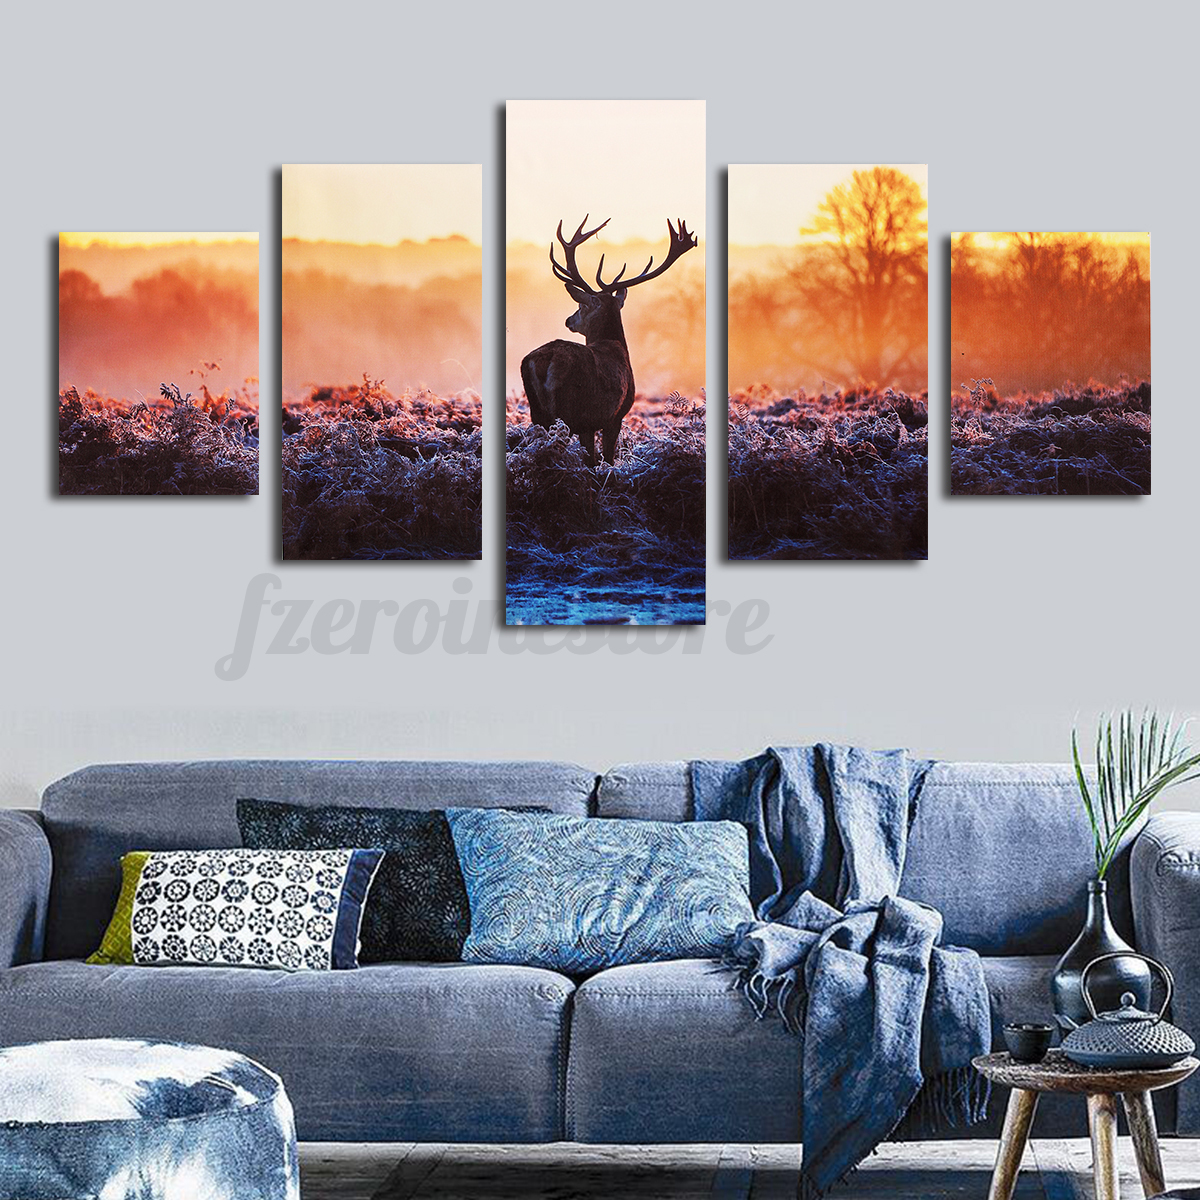 5 tlg leinwand bilder kunstdruck abstrakt wandbild bild for Schlafzimmer bilder leinwand